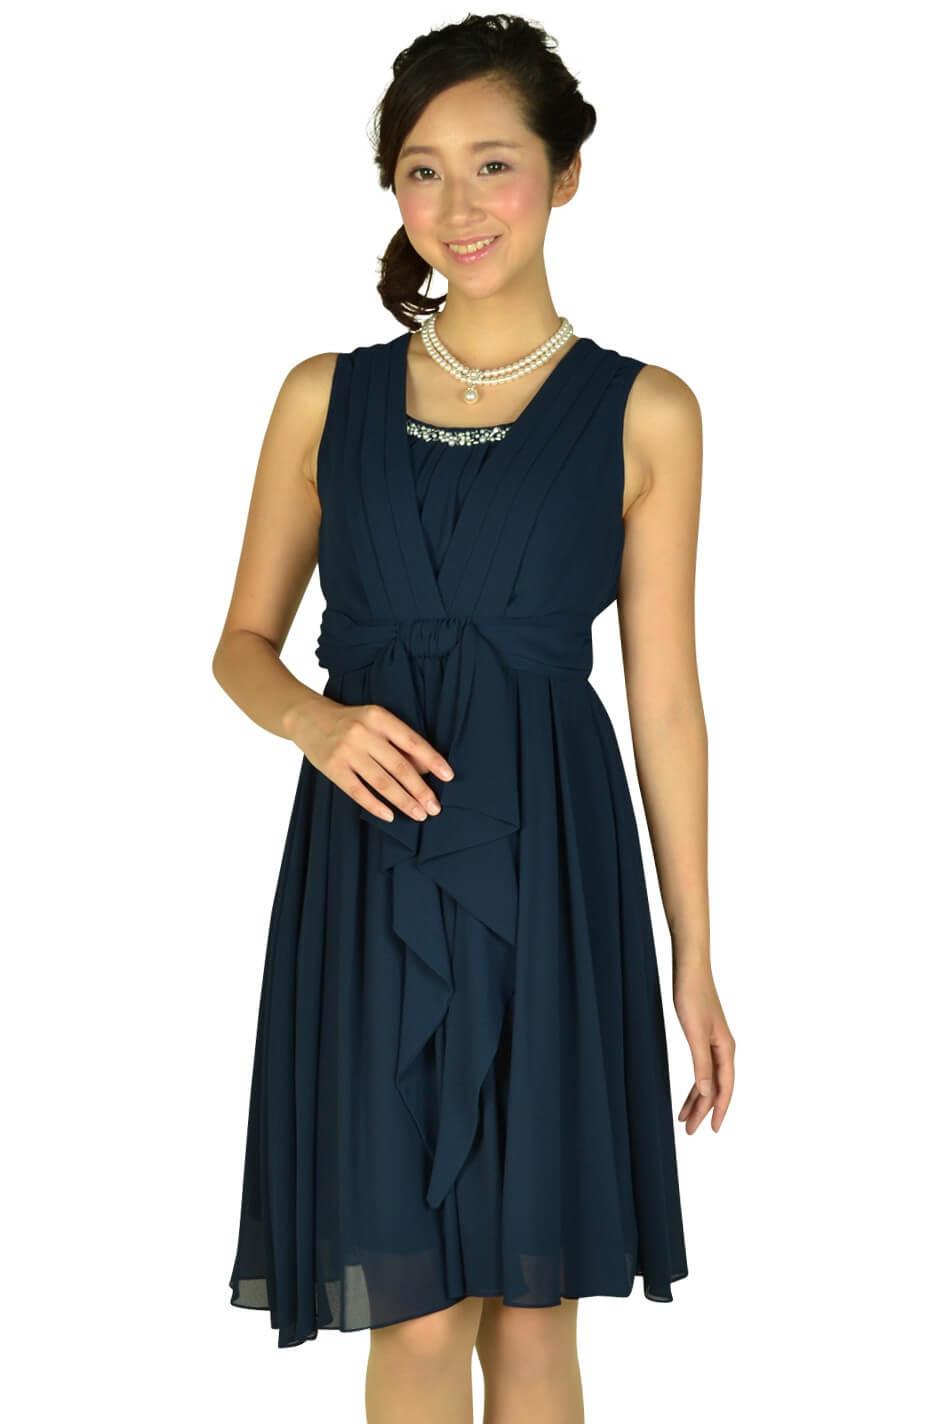 ビヲミナ(VIWOMINA) 上品ネイビードレス